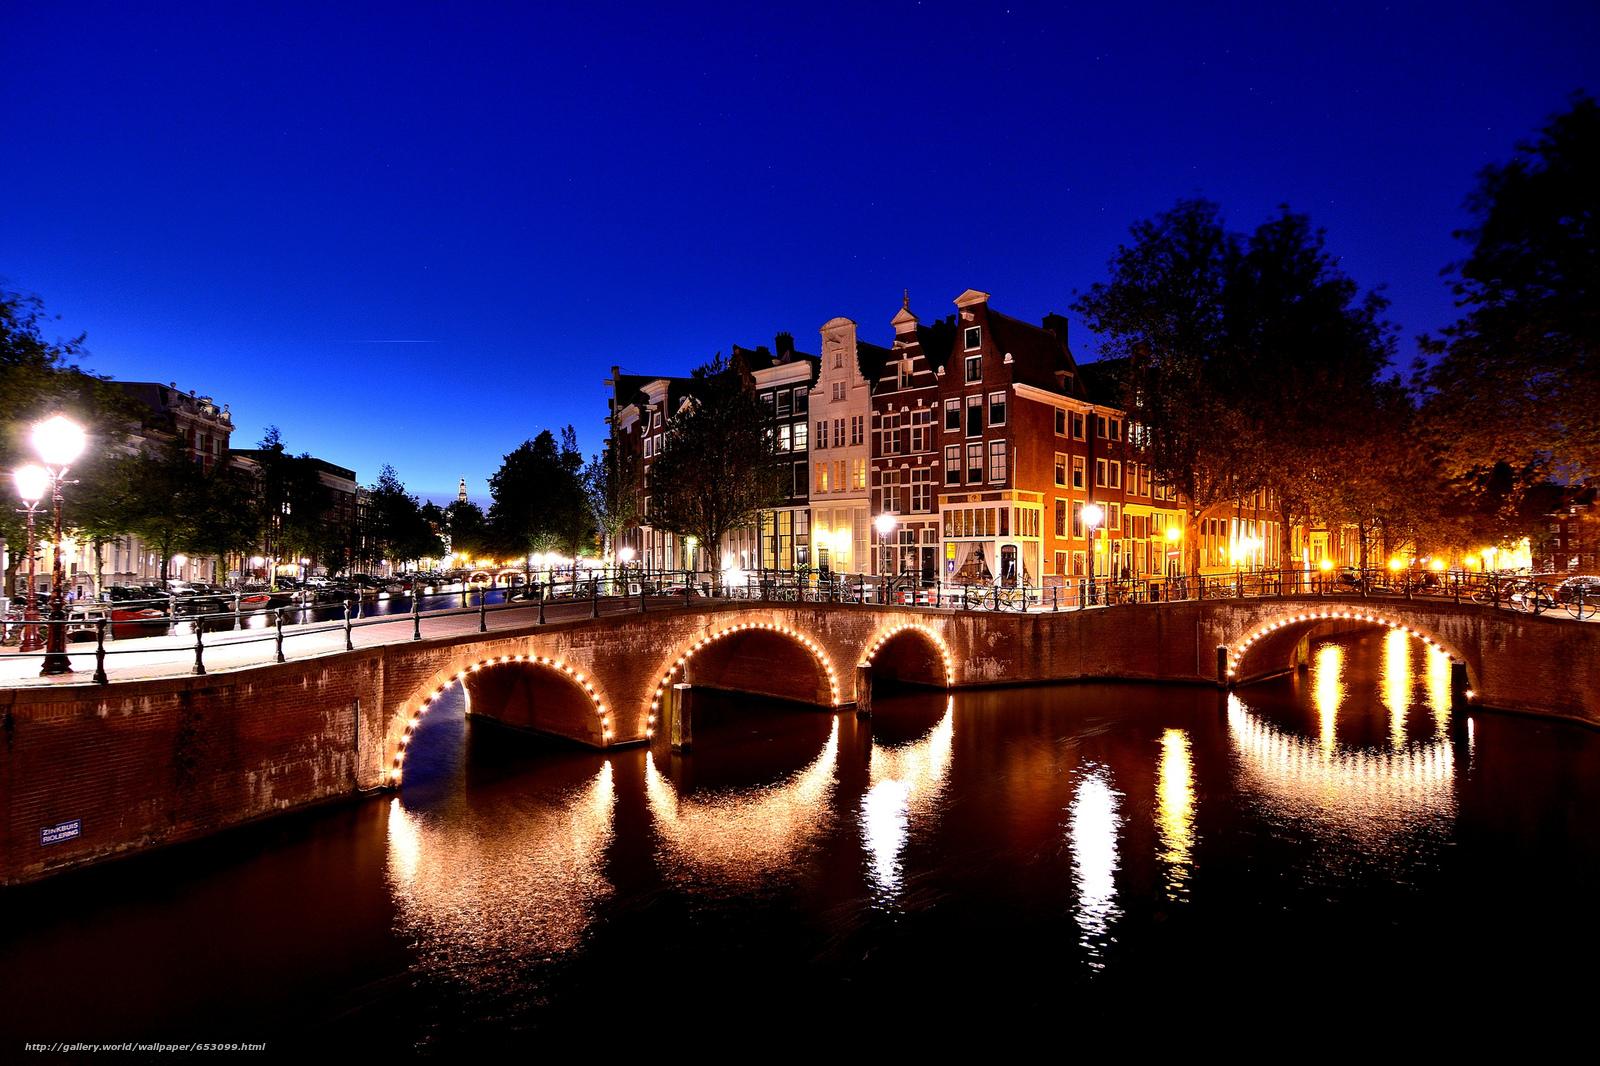 壁紙をダウンロード アムステルダム,  アムステルダム,  資本とオランダの最大の都市,  オランダ デスクトップの解像度のための無料壁紙 2048x1365 — 絵 №653099